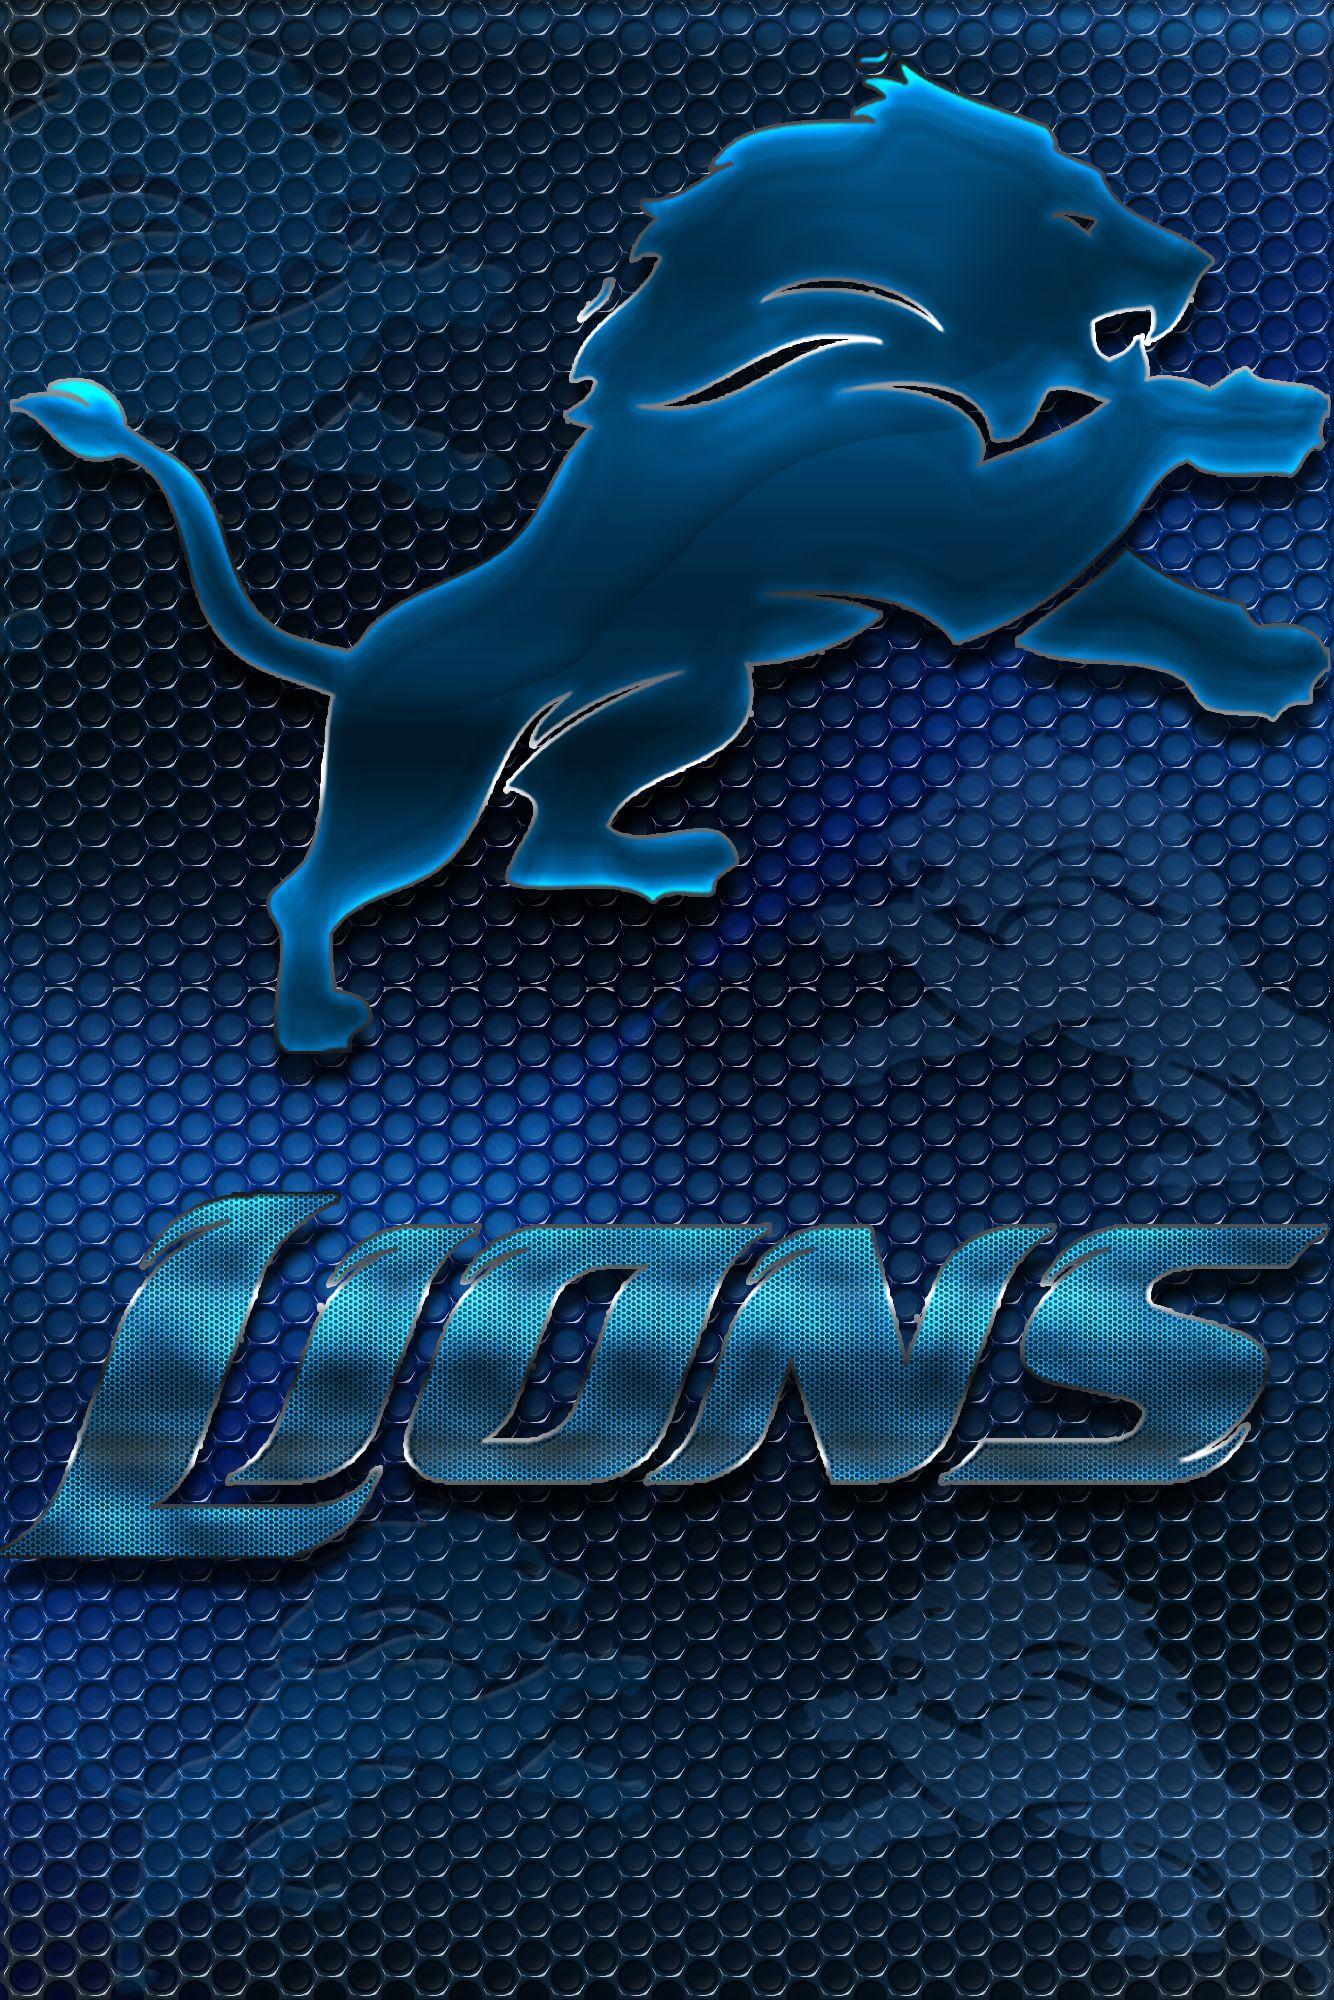 Nfl Detroit Lions 8 Iphone 6 Wallpaper Detroit Lions Wallpaper Lion Wallpaper Iphone Detroit Lions